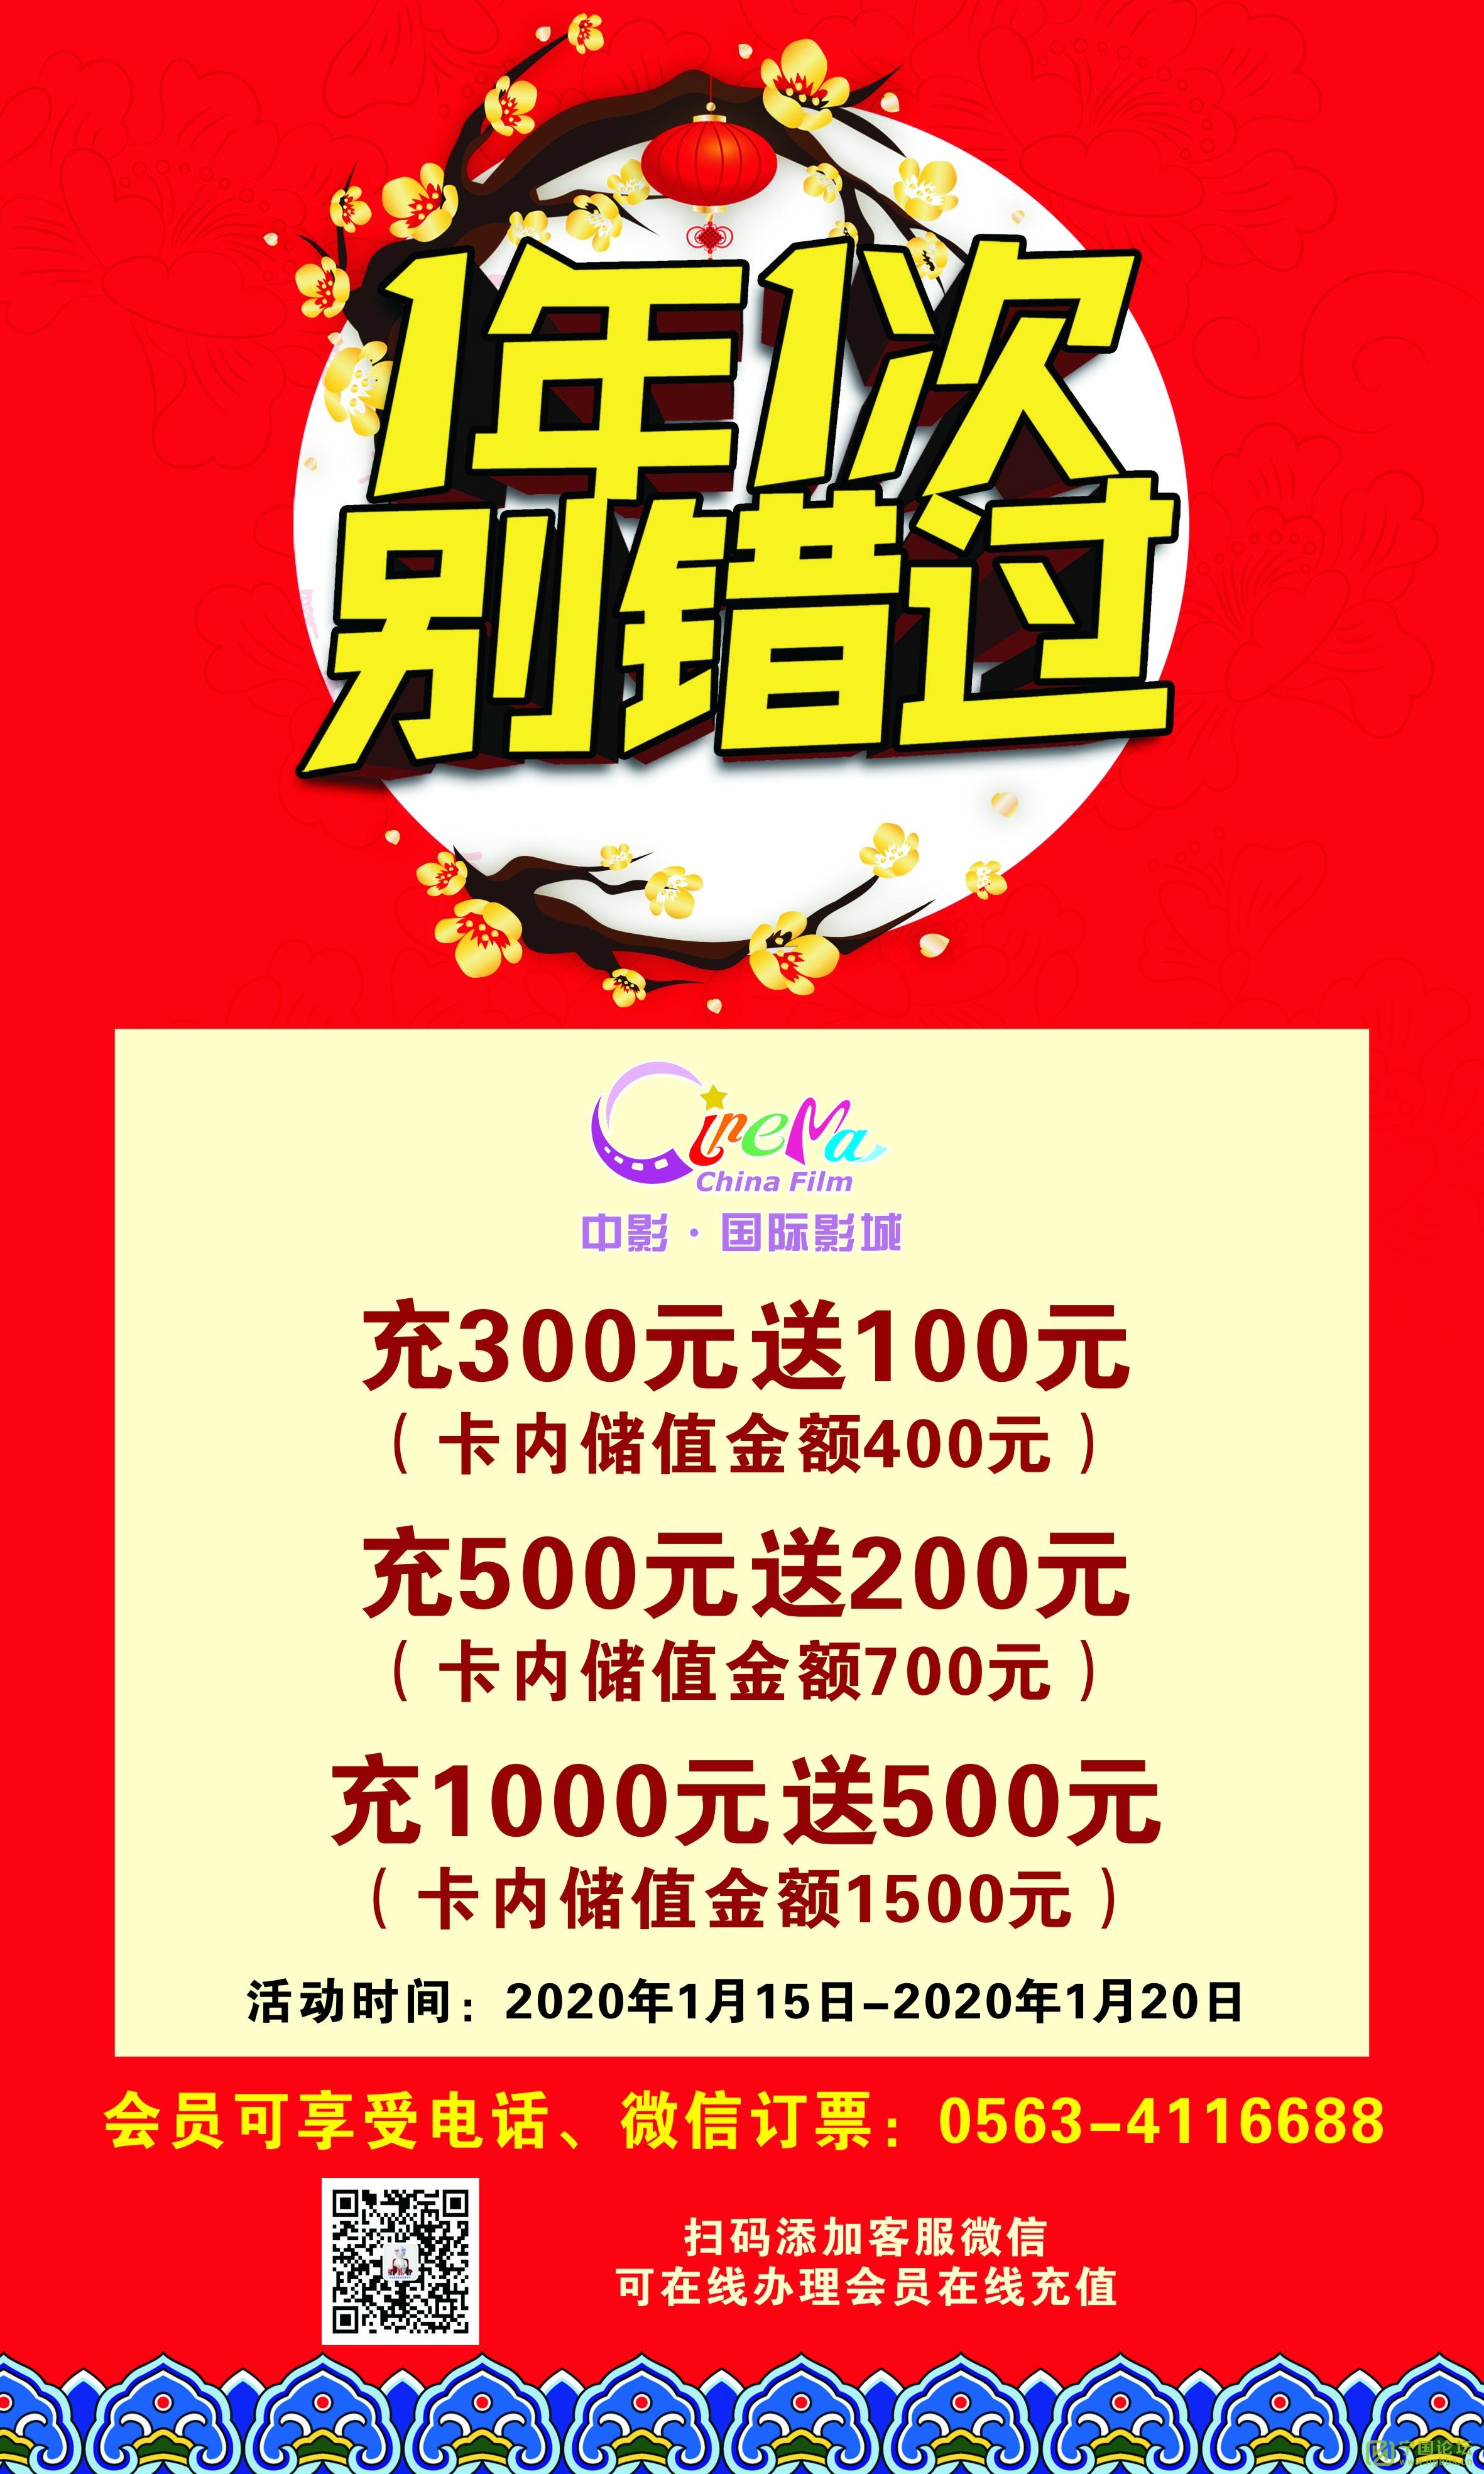 中影国际影城优惠活动+【春节电影推荐】 - 宁国论坛 - 020.jpg